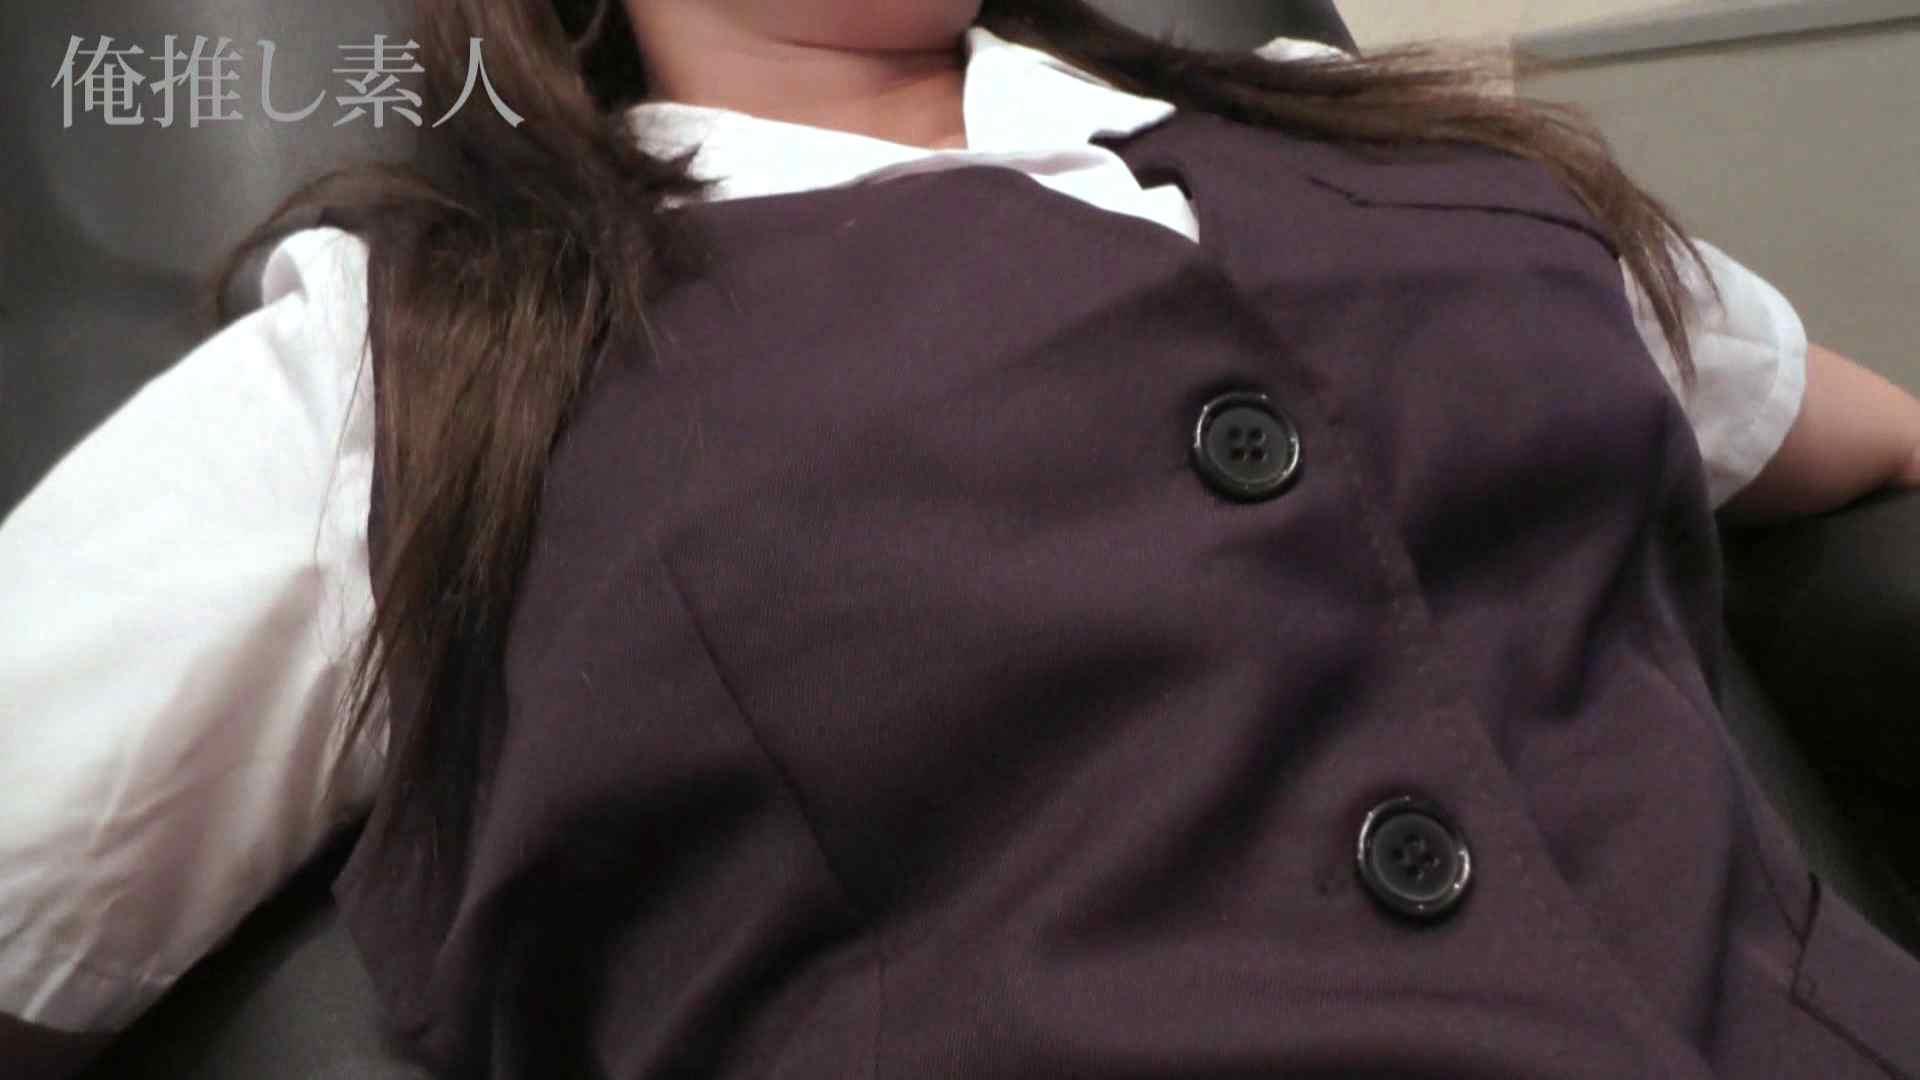 俺推し素人 EカップシングルマザーOL30歳瑤子vol2 一般投稿  31連発 13